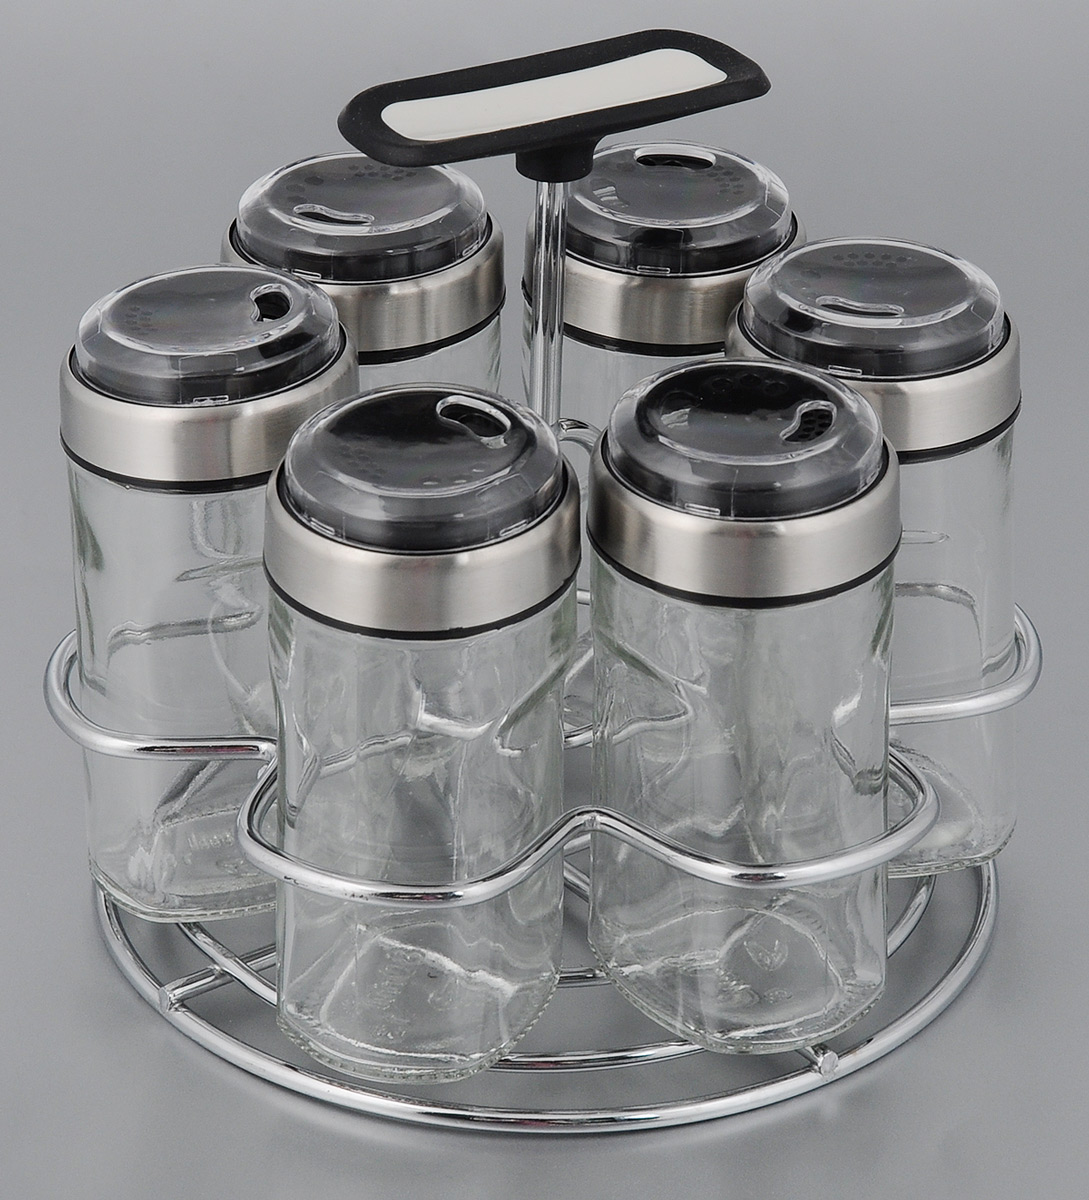 Набор емкостей для специй Nadoba Petra, 7 предметов741016Набор Nadoba Petra состоит из 6 емкостей для специй и подставки. Емкости выполнены из прозрачного ударопрочного стекла и снабжены стальными крышками с тремя режимами дозирования. Для хранения емкостей предусмотрена металлическая подставка с прорезиненной ручкой. Такой набор поможет хранить под рукой самые часто используемые специи.Изделия можно мыть в посудомоечной машине.Объем емкости: 80 мл.Размер емкости: 5 х 5 х 10,5 см.Размер подставки: 13,5 х 13,5 х 14,5 см.